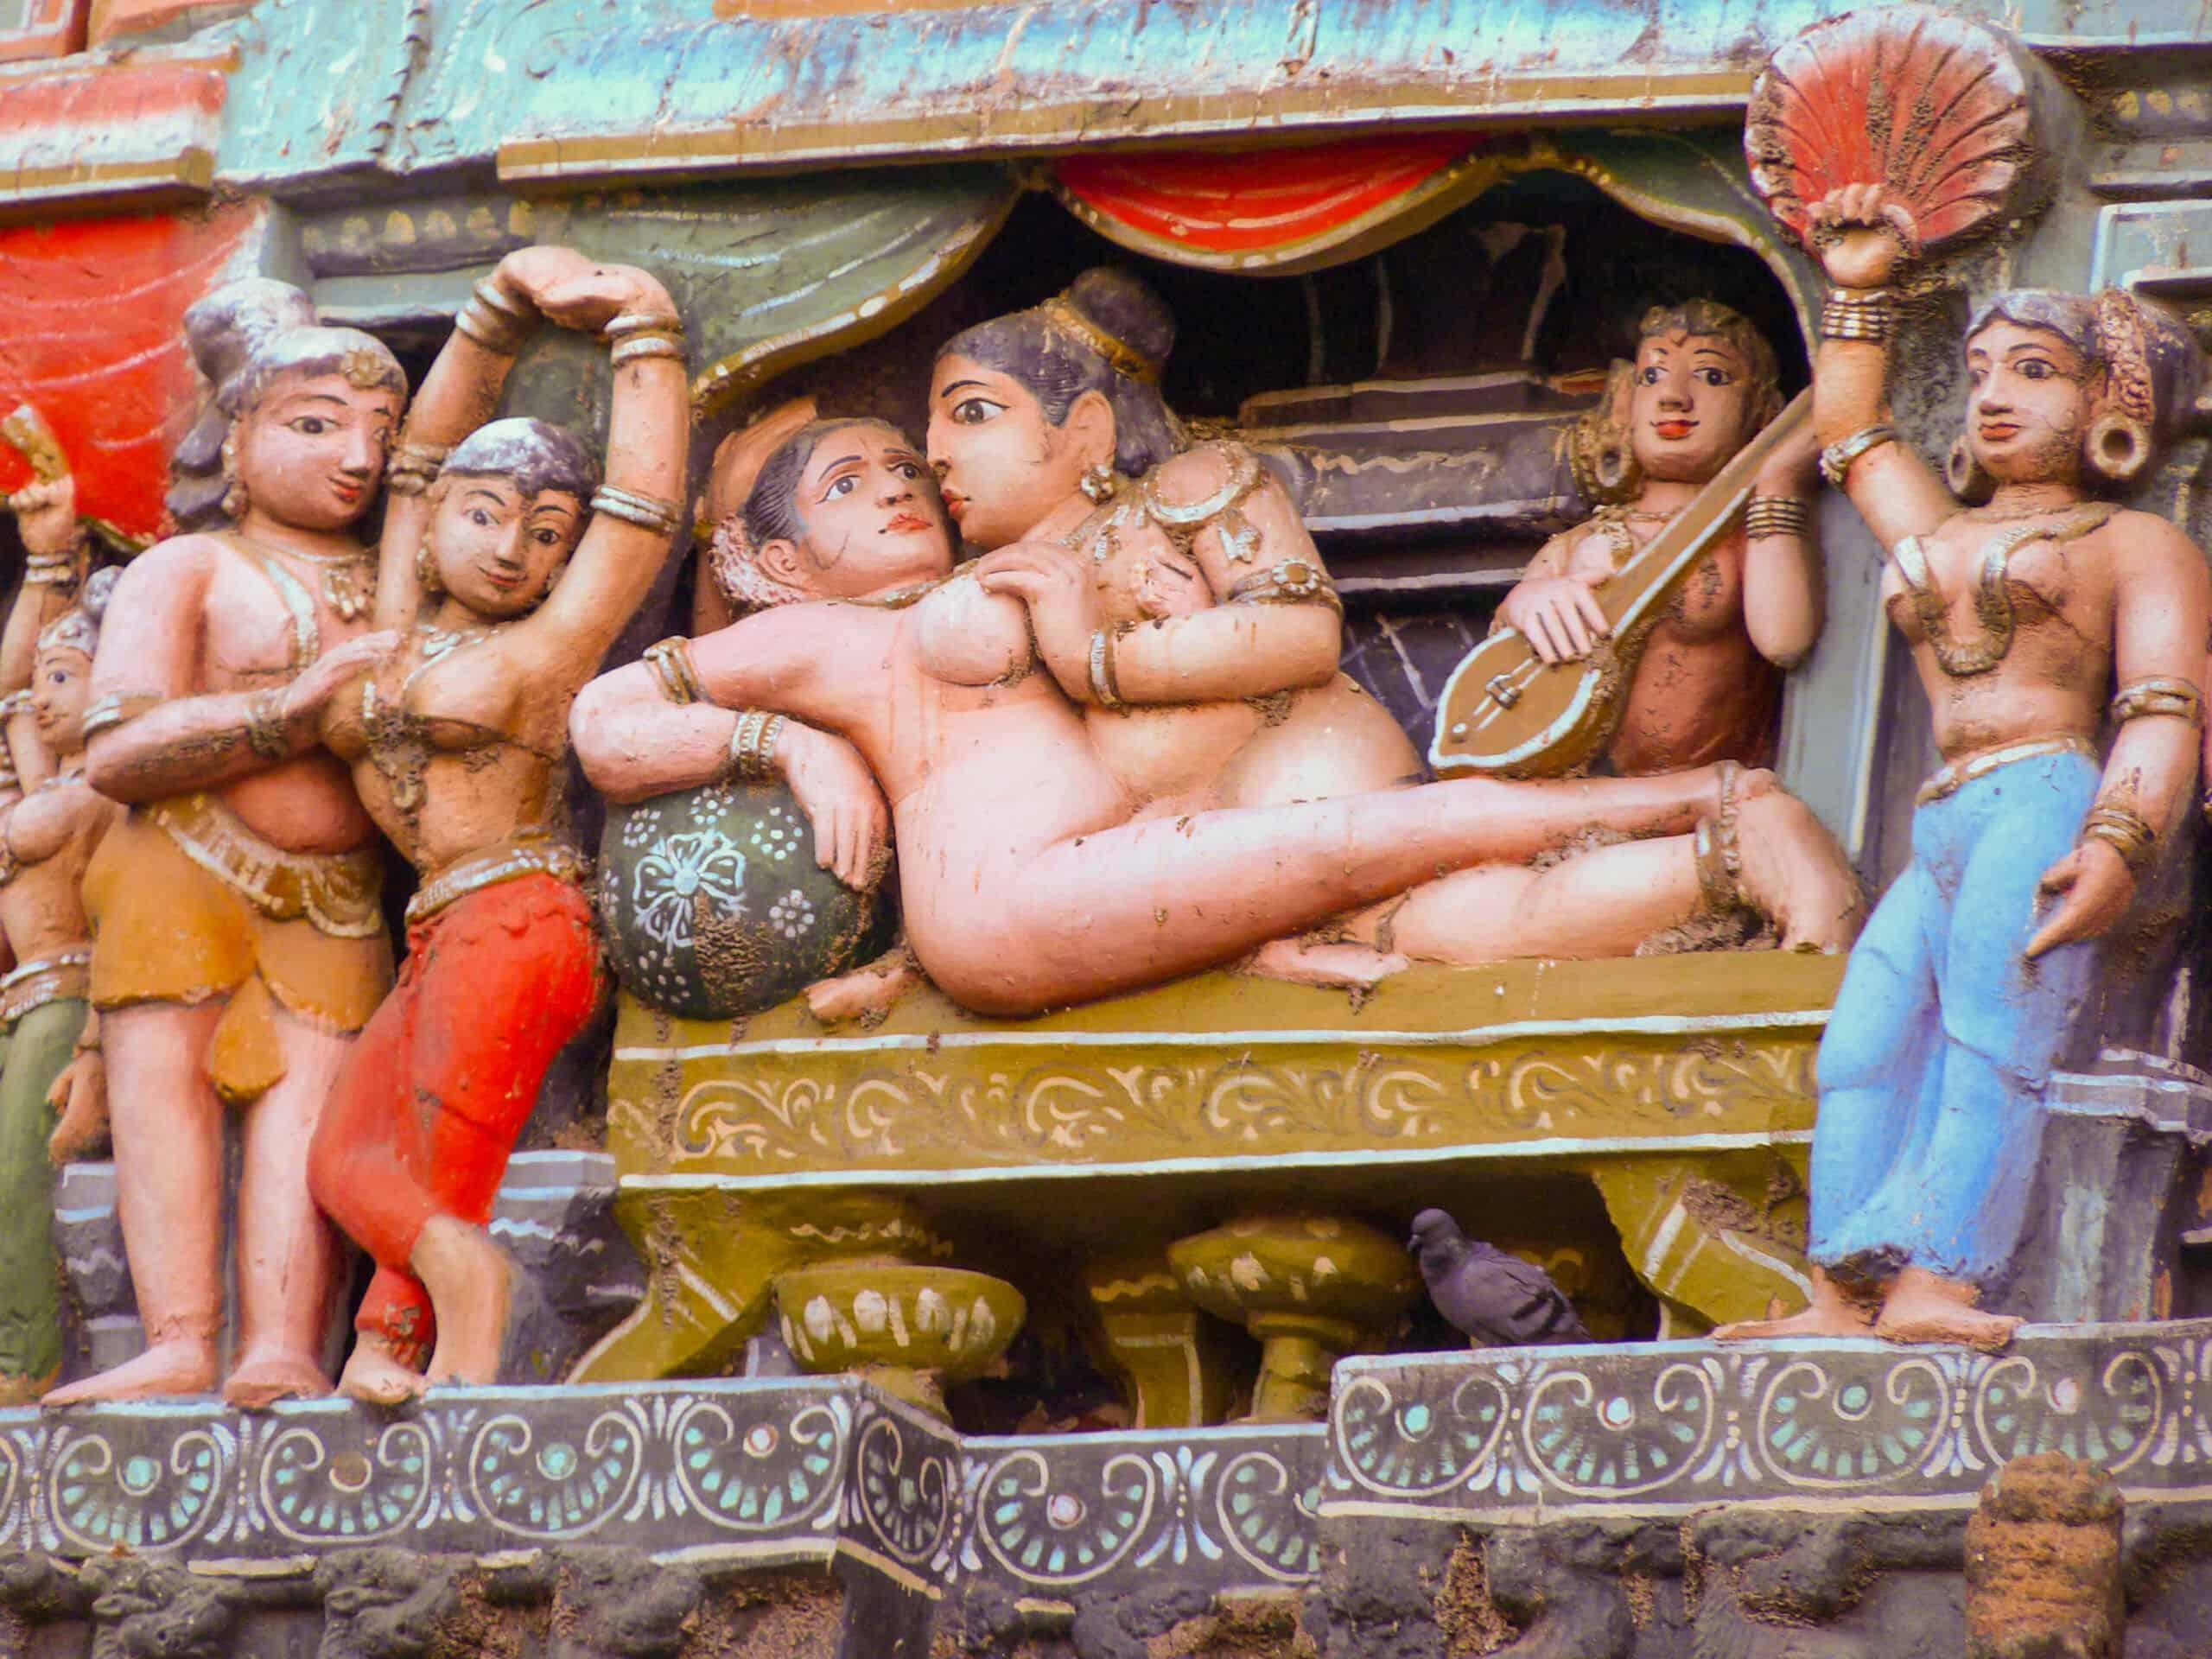 Tempelfiguren in erotischen Darstellungen auch das gehört zum Hinduismus